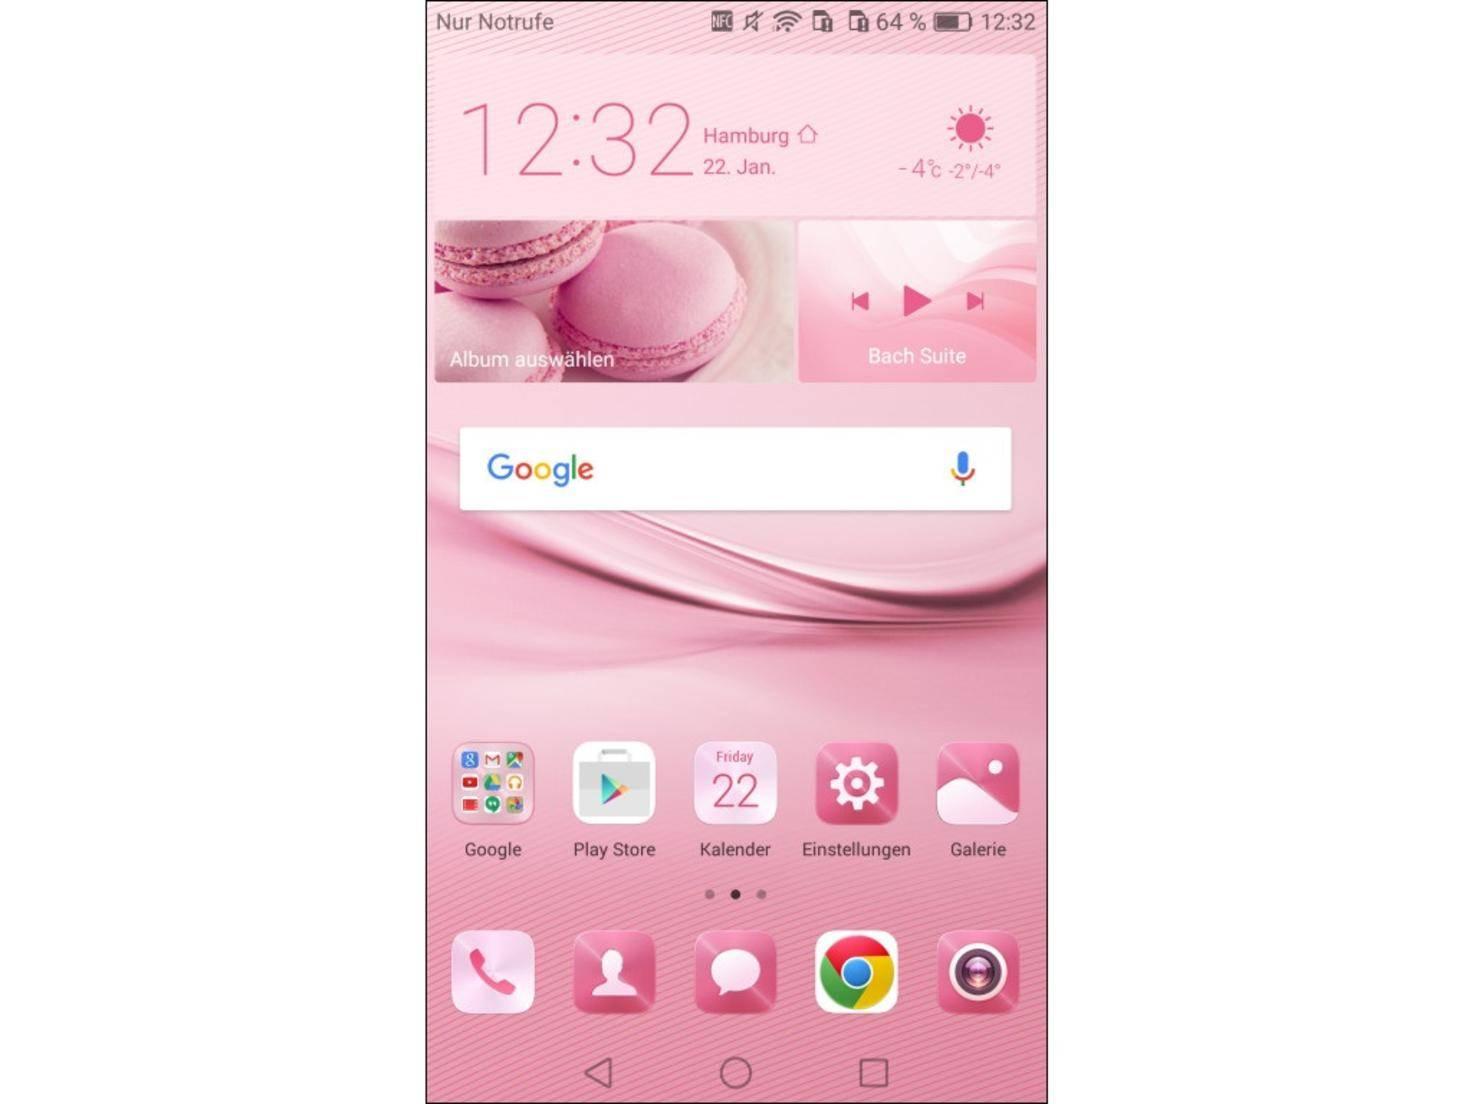 Huawei Mate 8 Screenshot 2